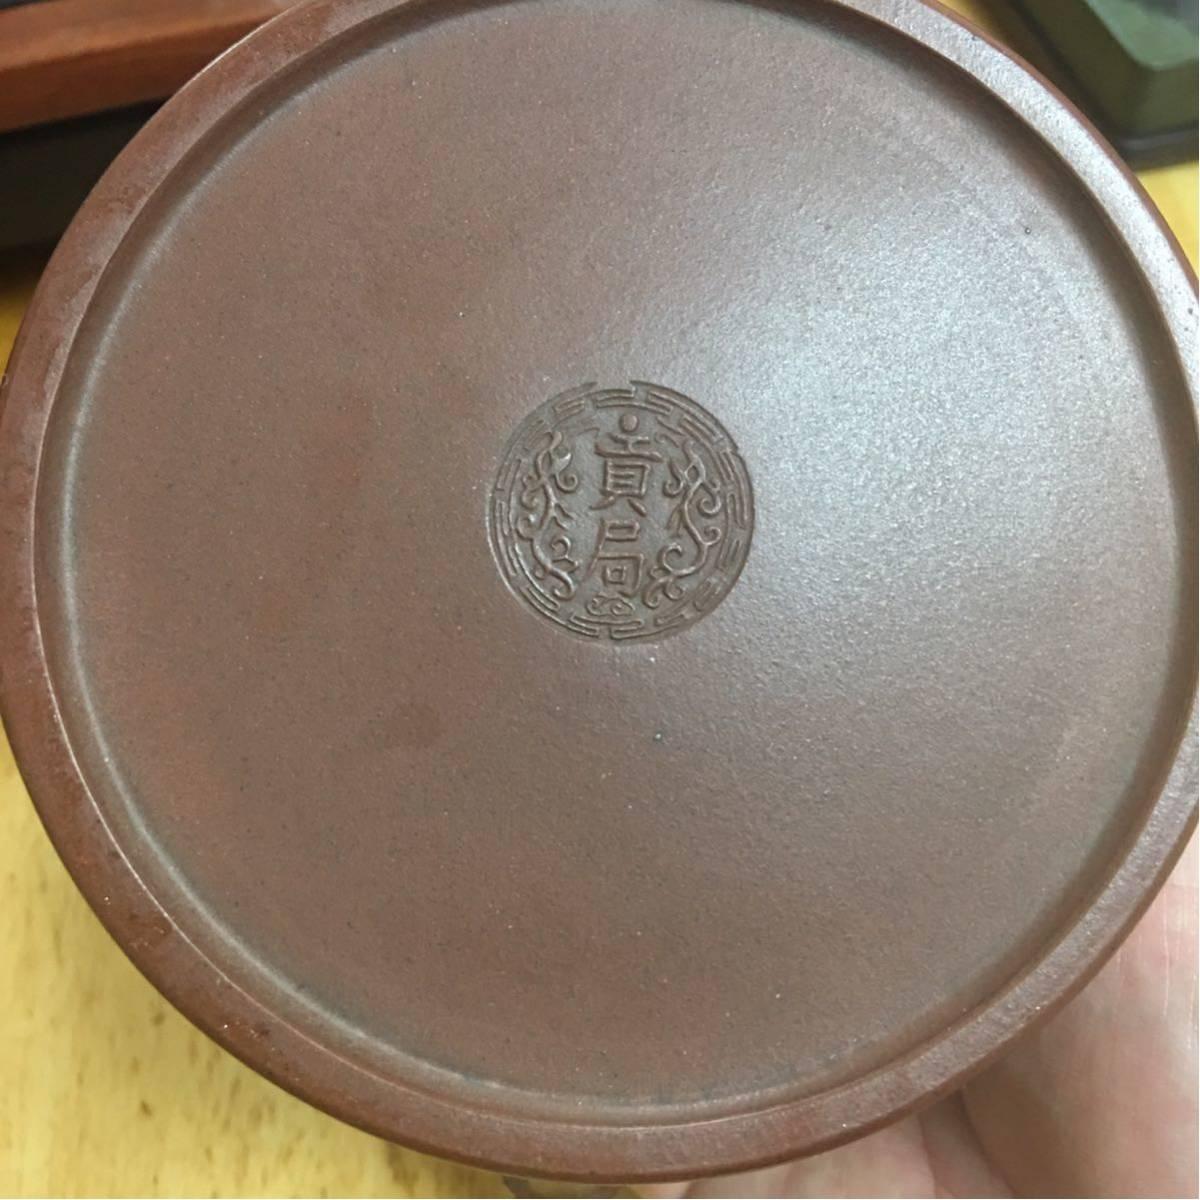 古玩 紫砂 煎茶道具 中国 茶壷 唐物 紫泥 急須 貴重 _画像10